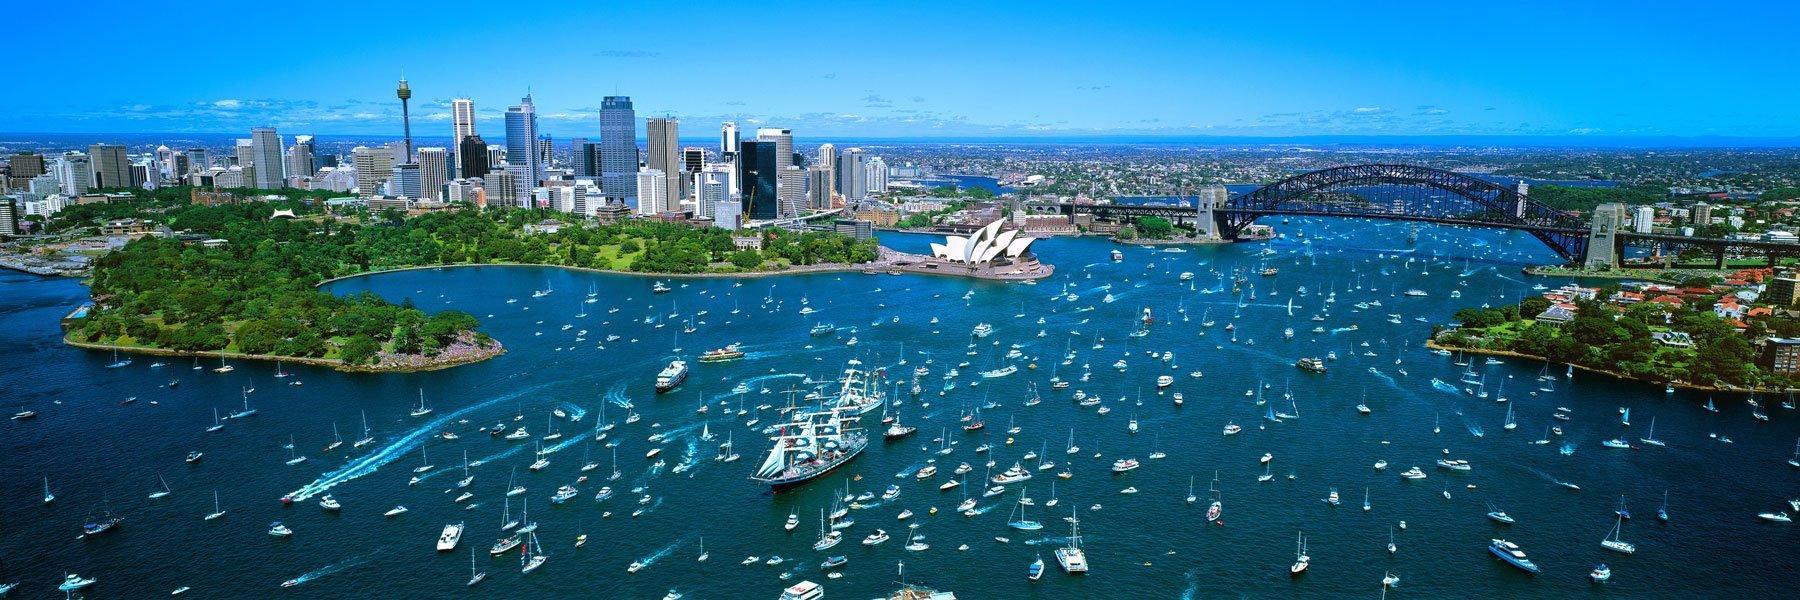 Australia Day Celebrations, NSW